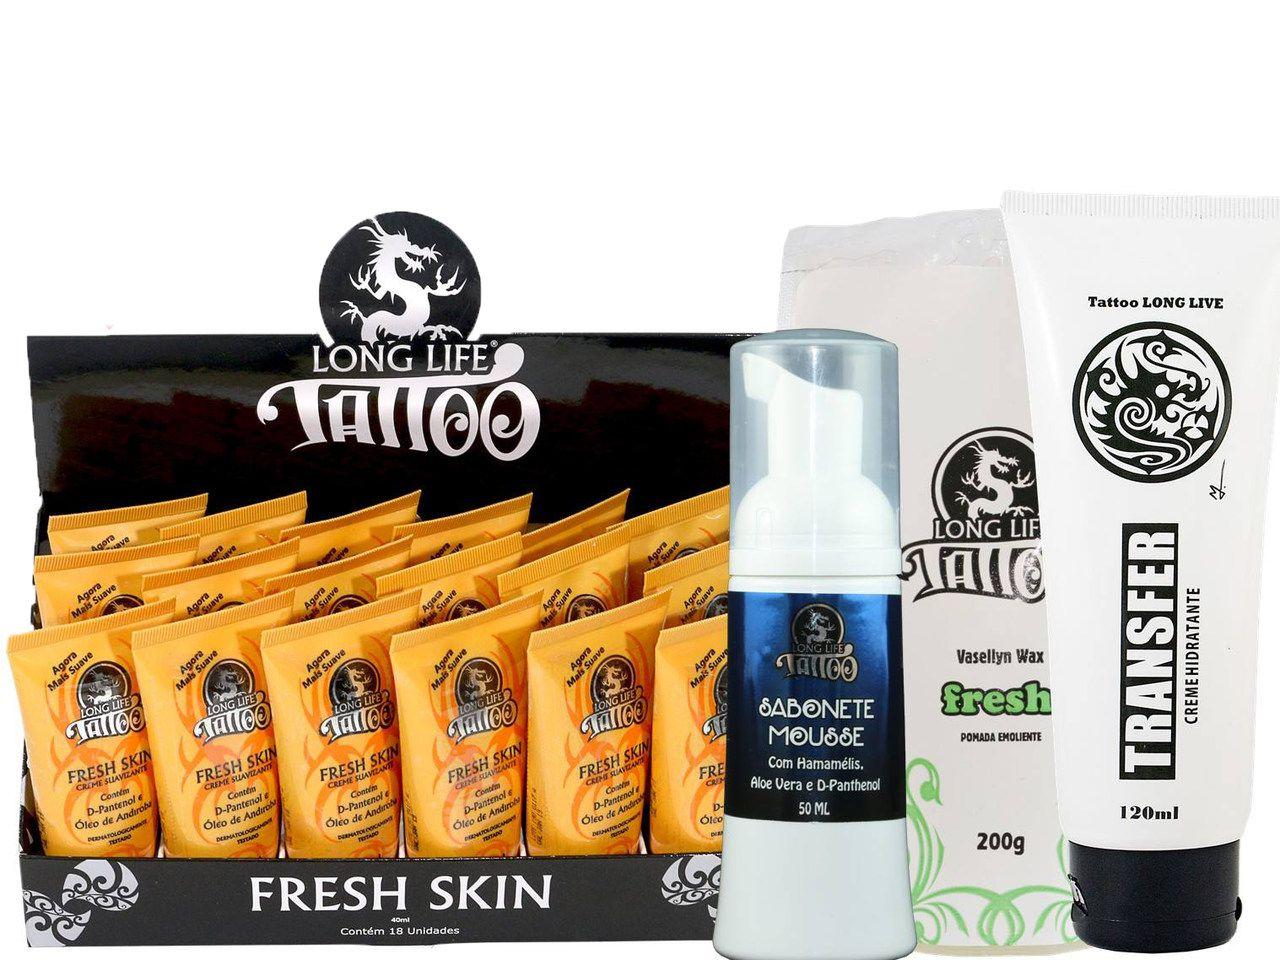 Fresh Skin 40 ml - Creme Suavizante (18un) +  Sabonete Mousse 50 ml + Vasellyn Fresh 200g + Transfer Creme 120 ml